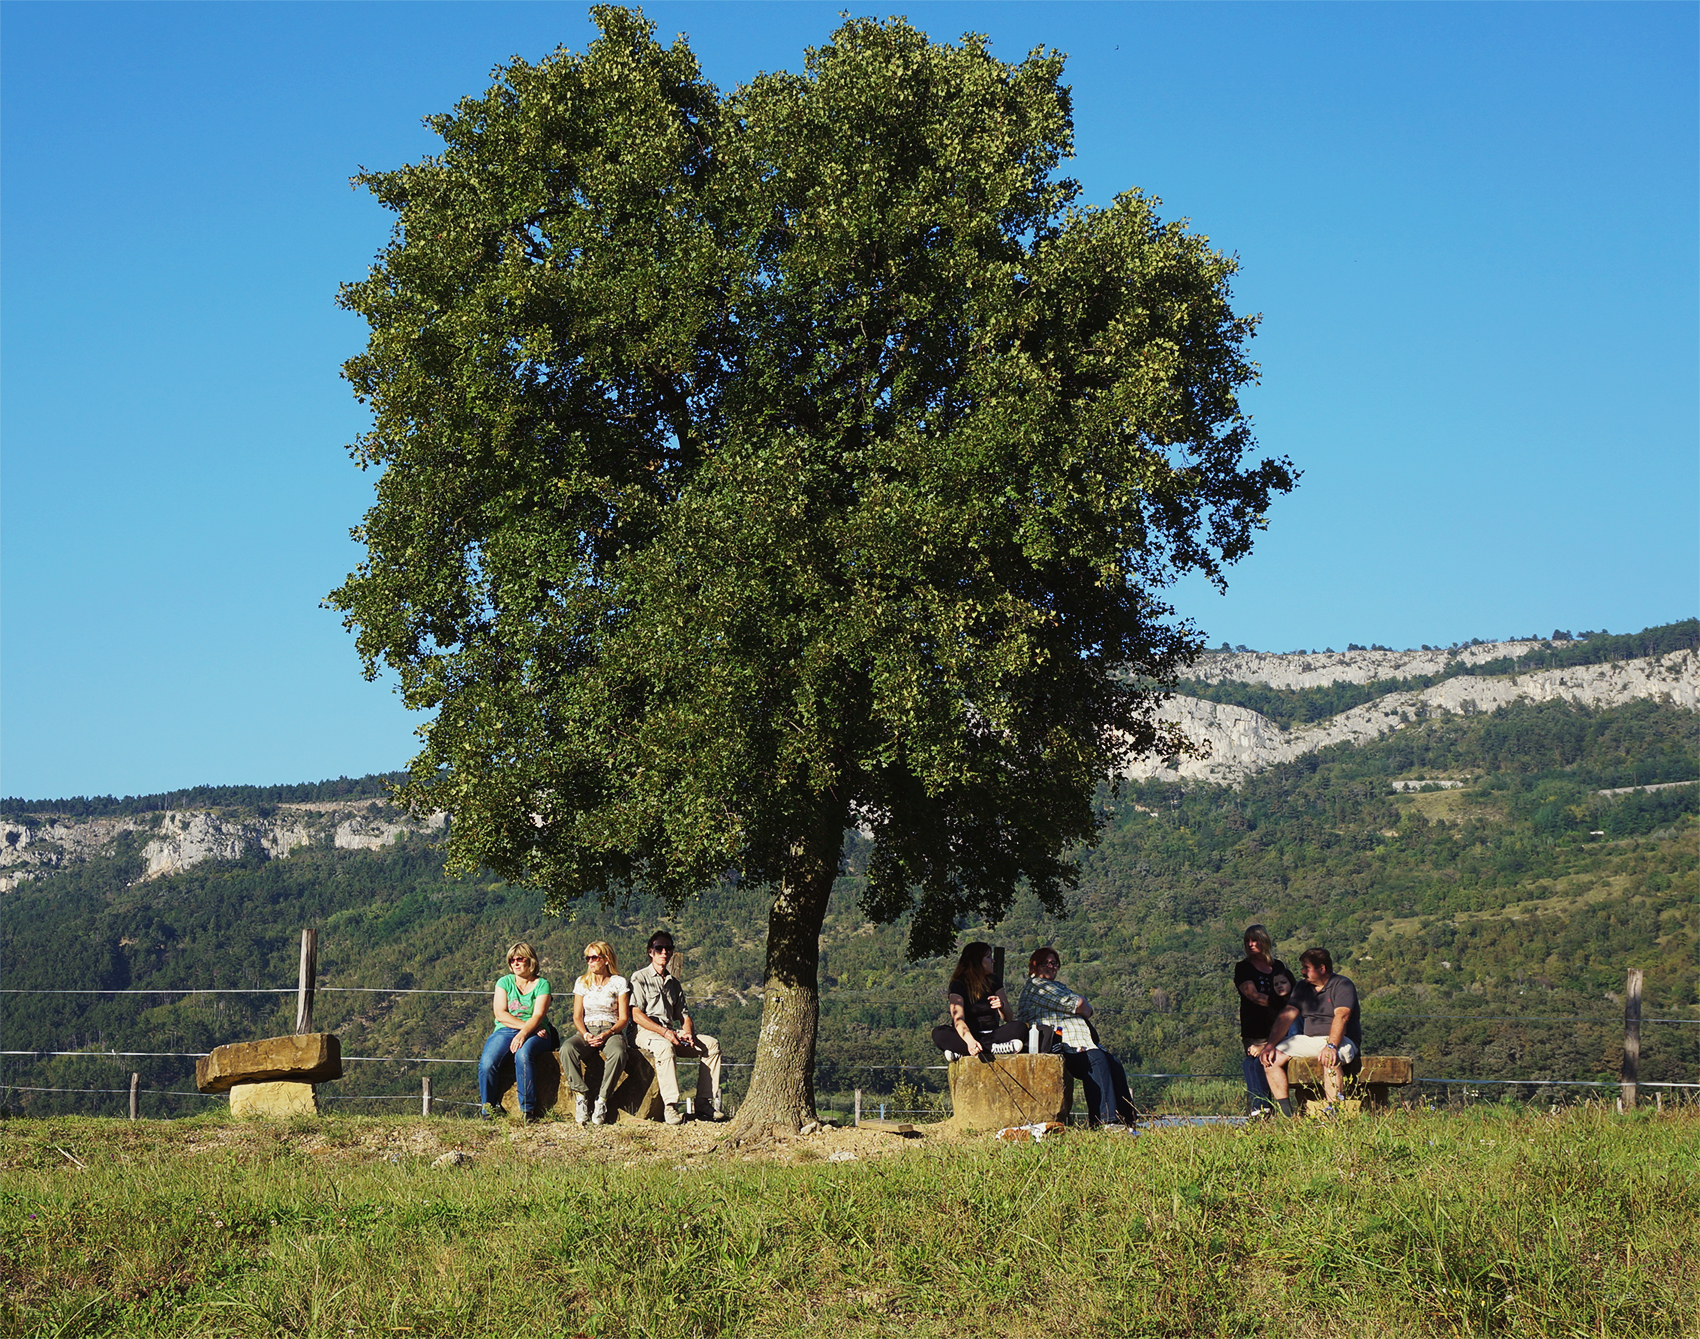 slovenien-djurpark-9